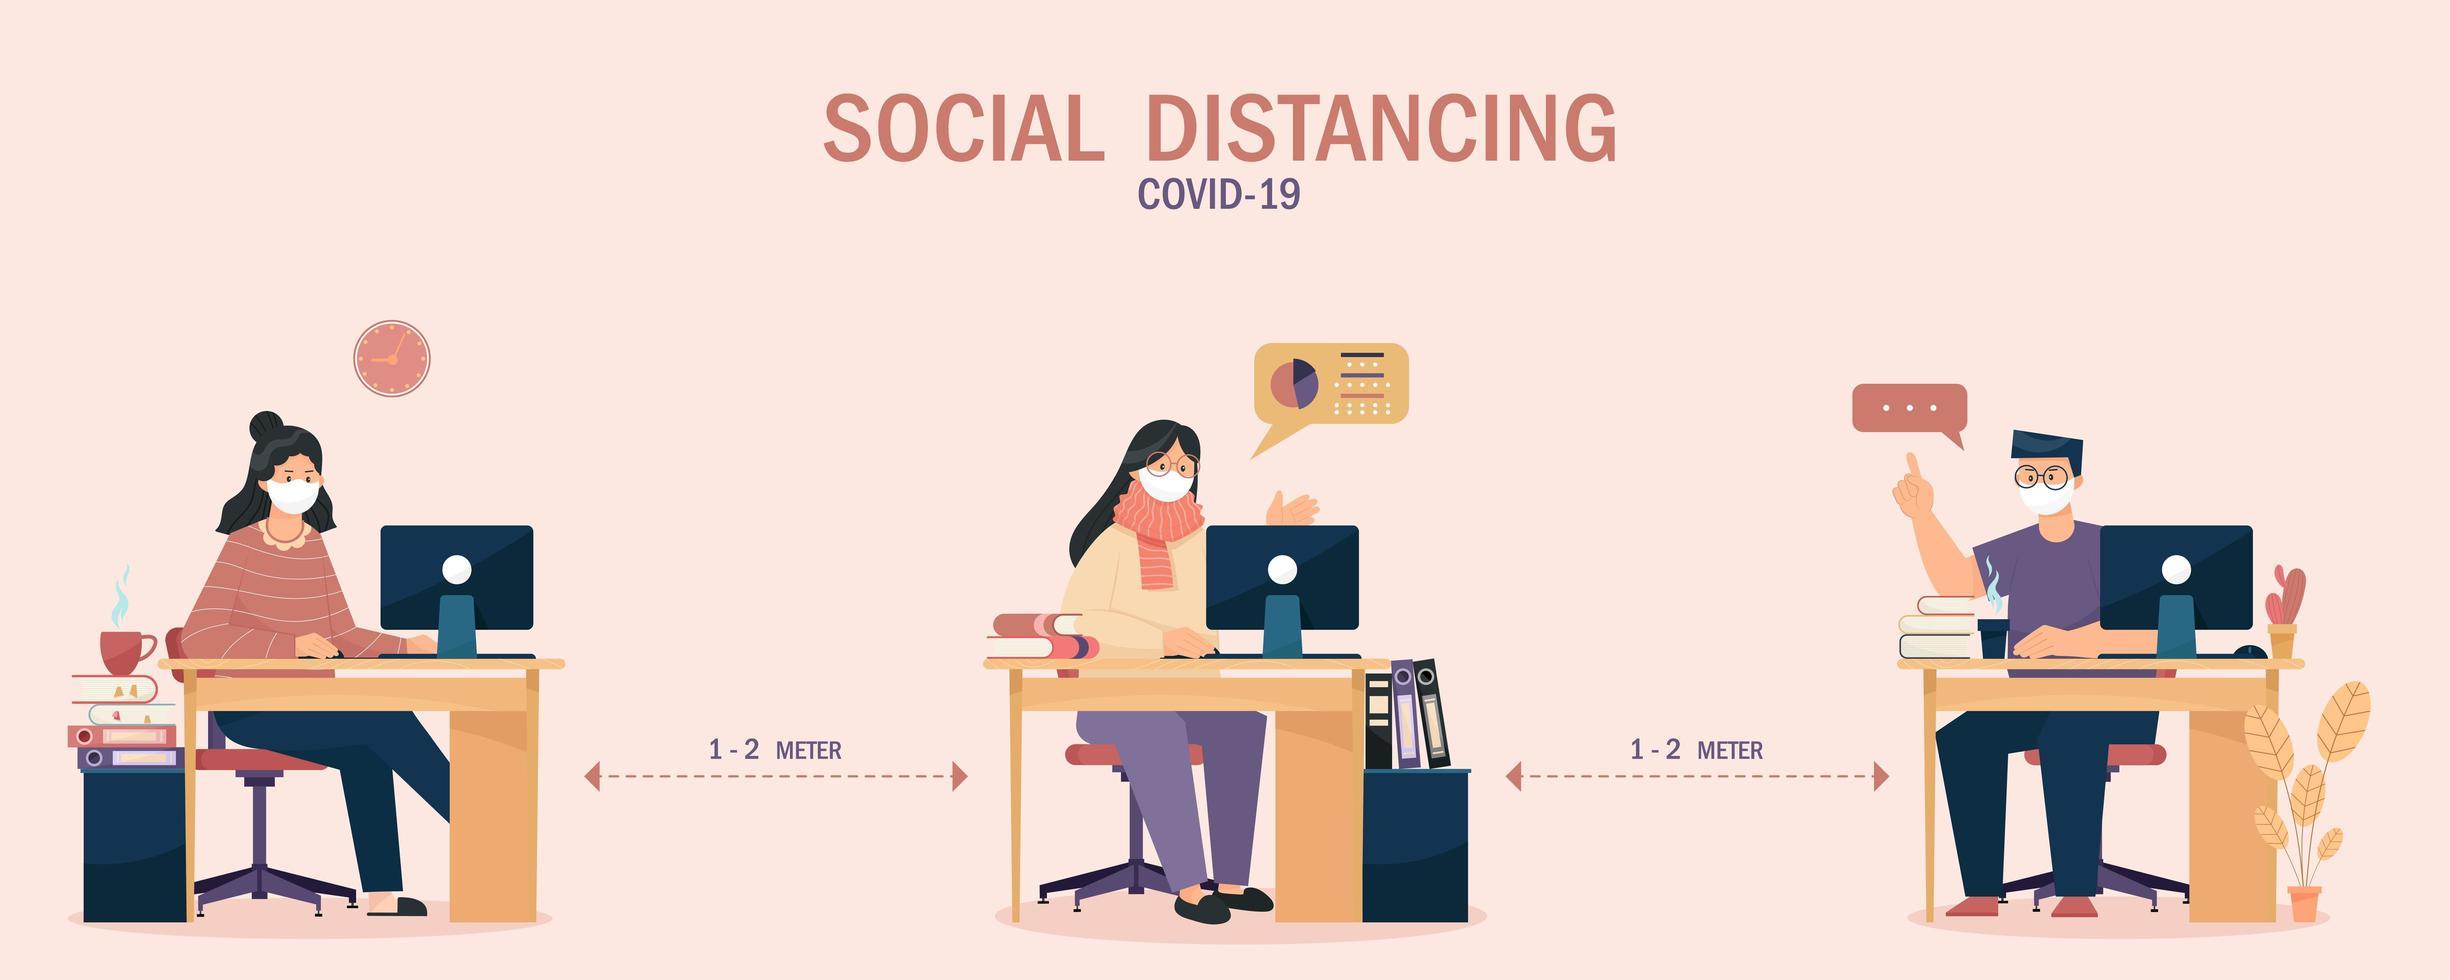 gente trabajadora distanciamiento social para prevenir covid-19 vector